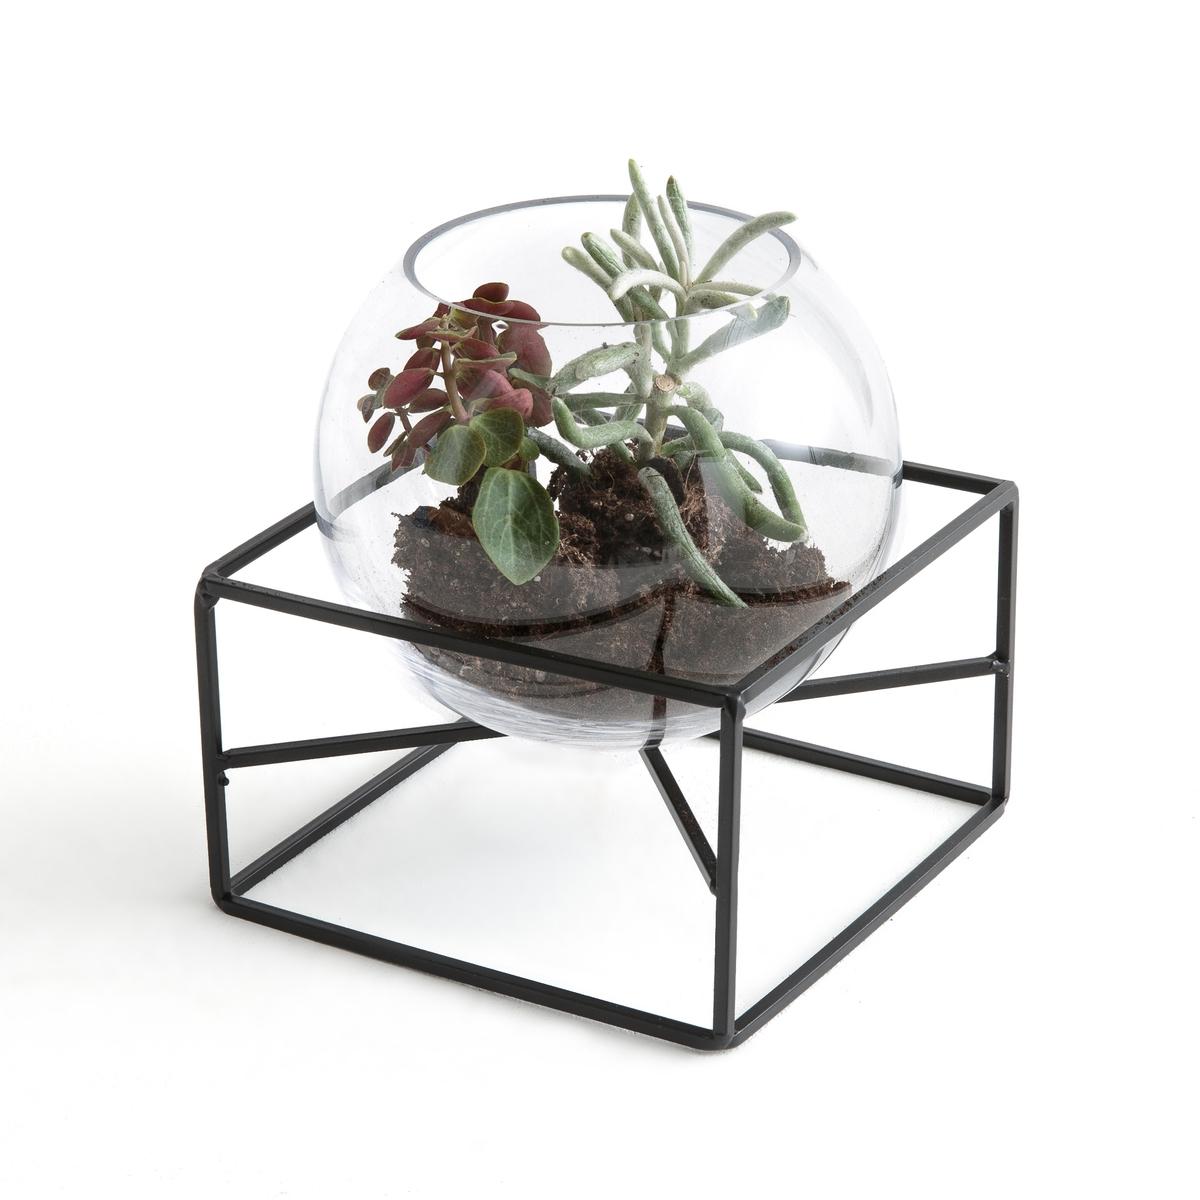 Ваза из стекла и металла TADI вазы artevaluce ваза с крышкой xylia 13х18х36 см